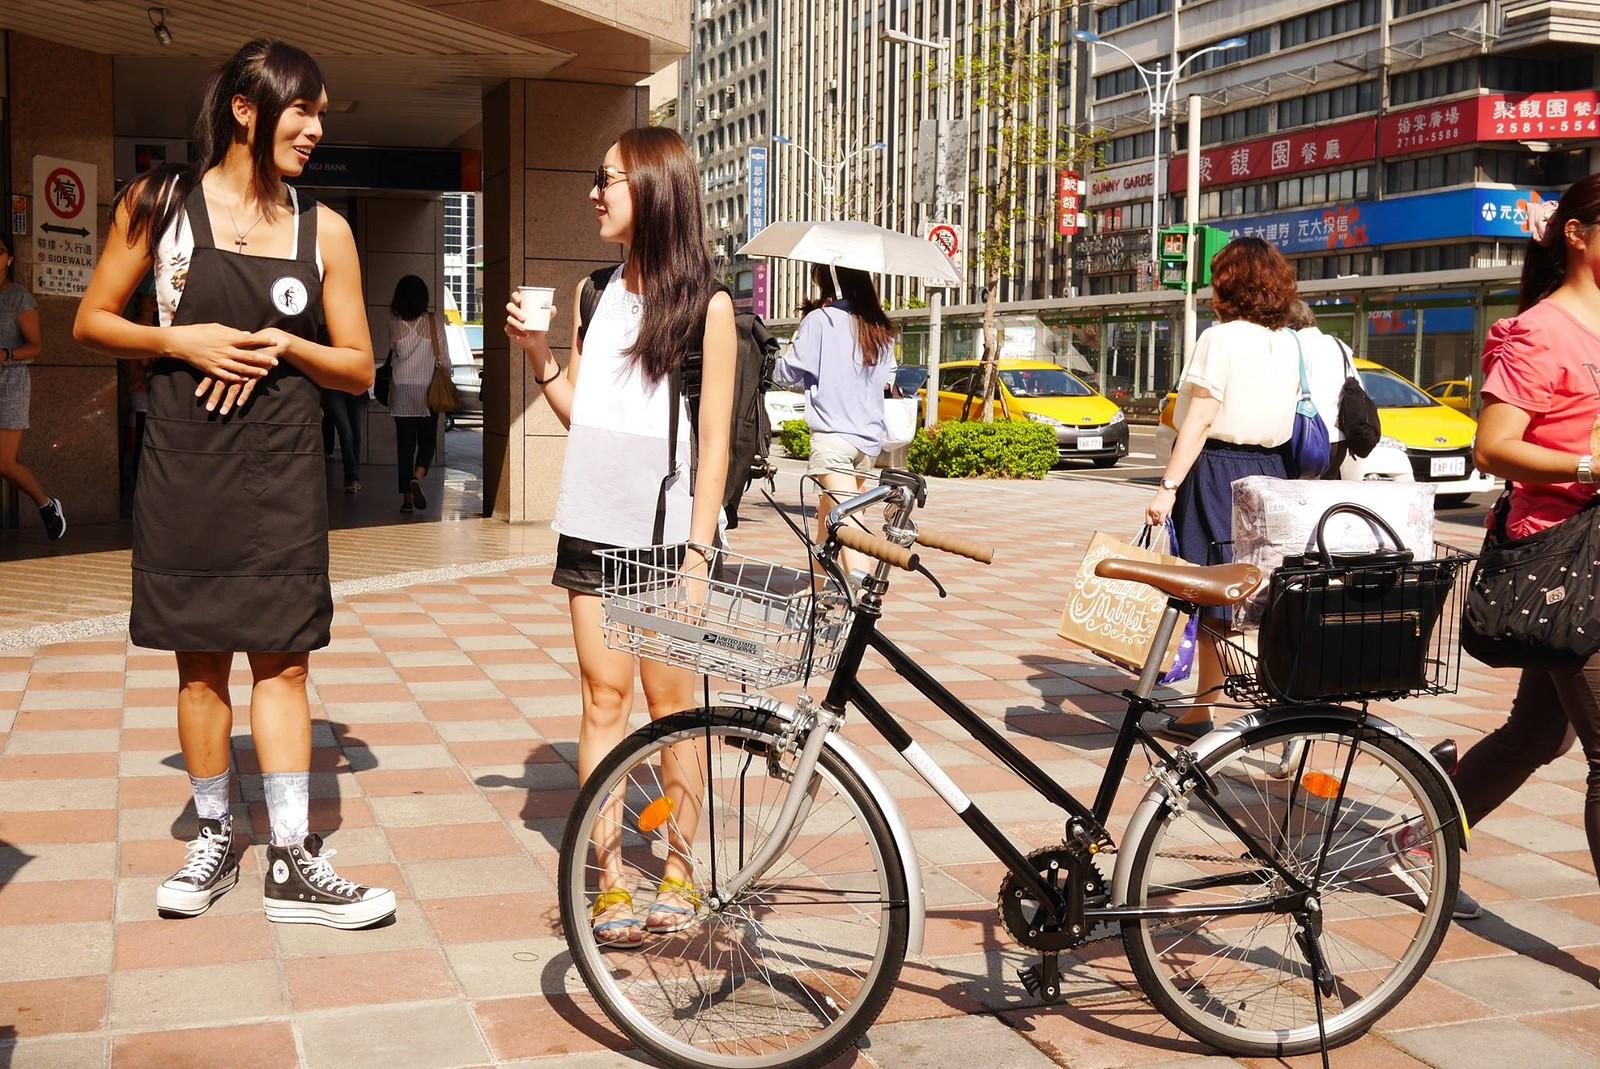 2016-08-26 單車通勤日 - 南京復興 - 13